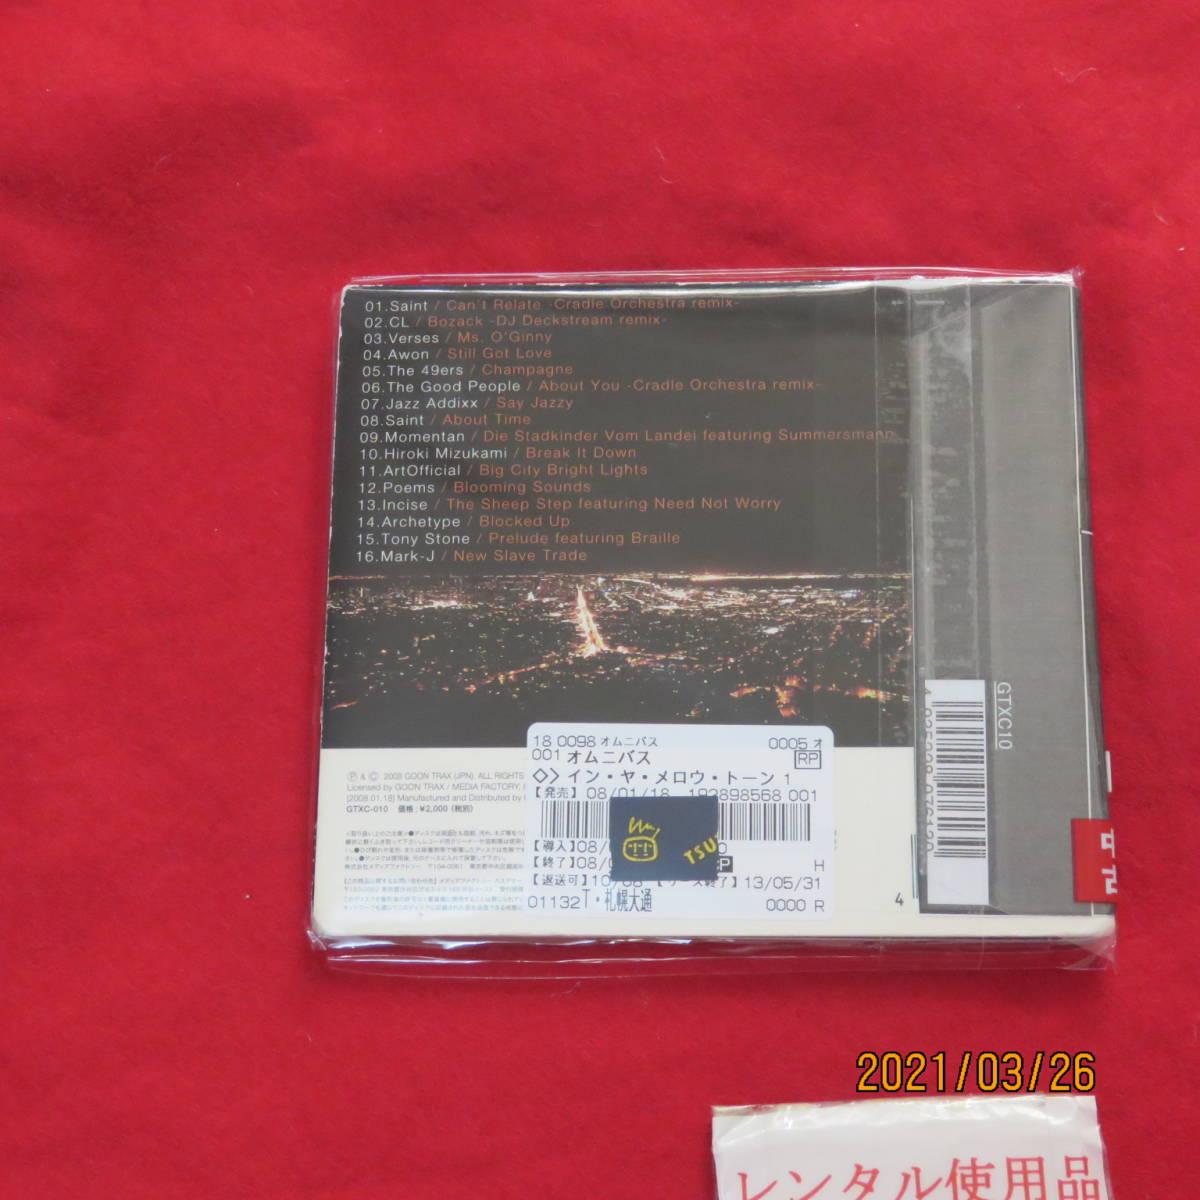 イン・ヤ・メロウ・トーン オムニバス (アーティスト) 形式: CD in ya mellow tone